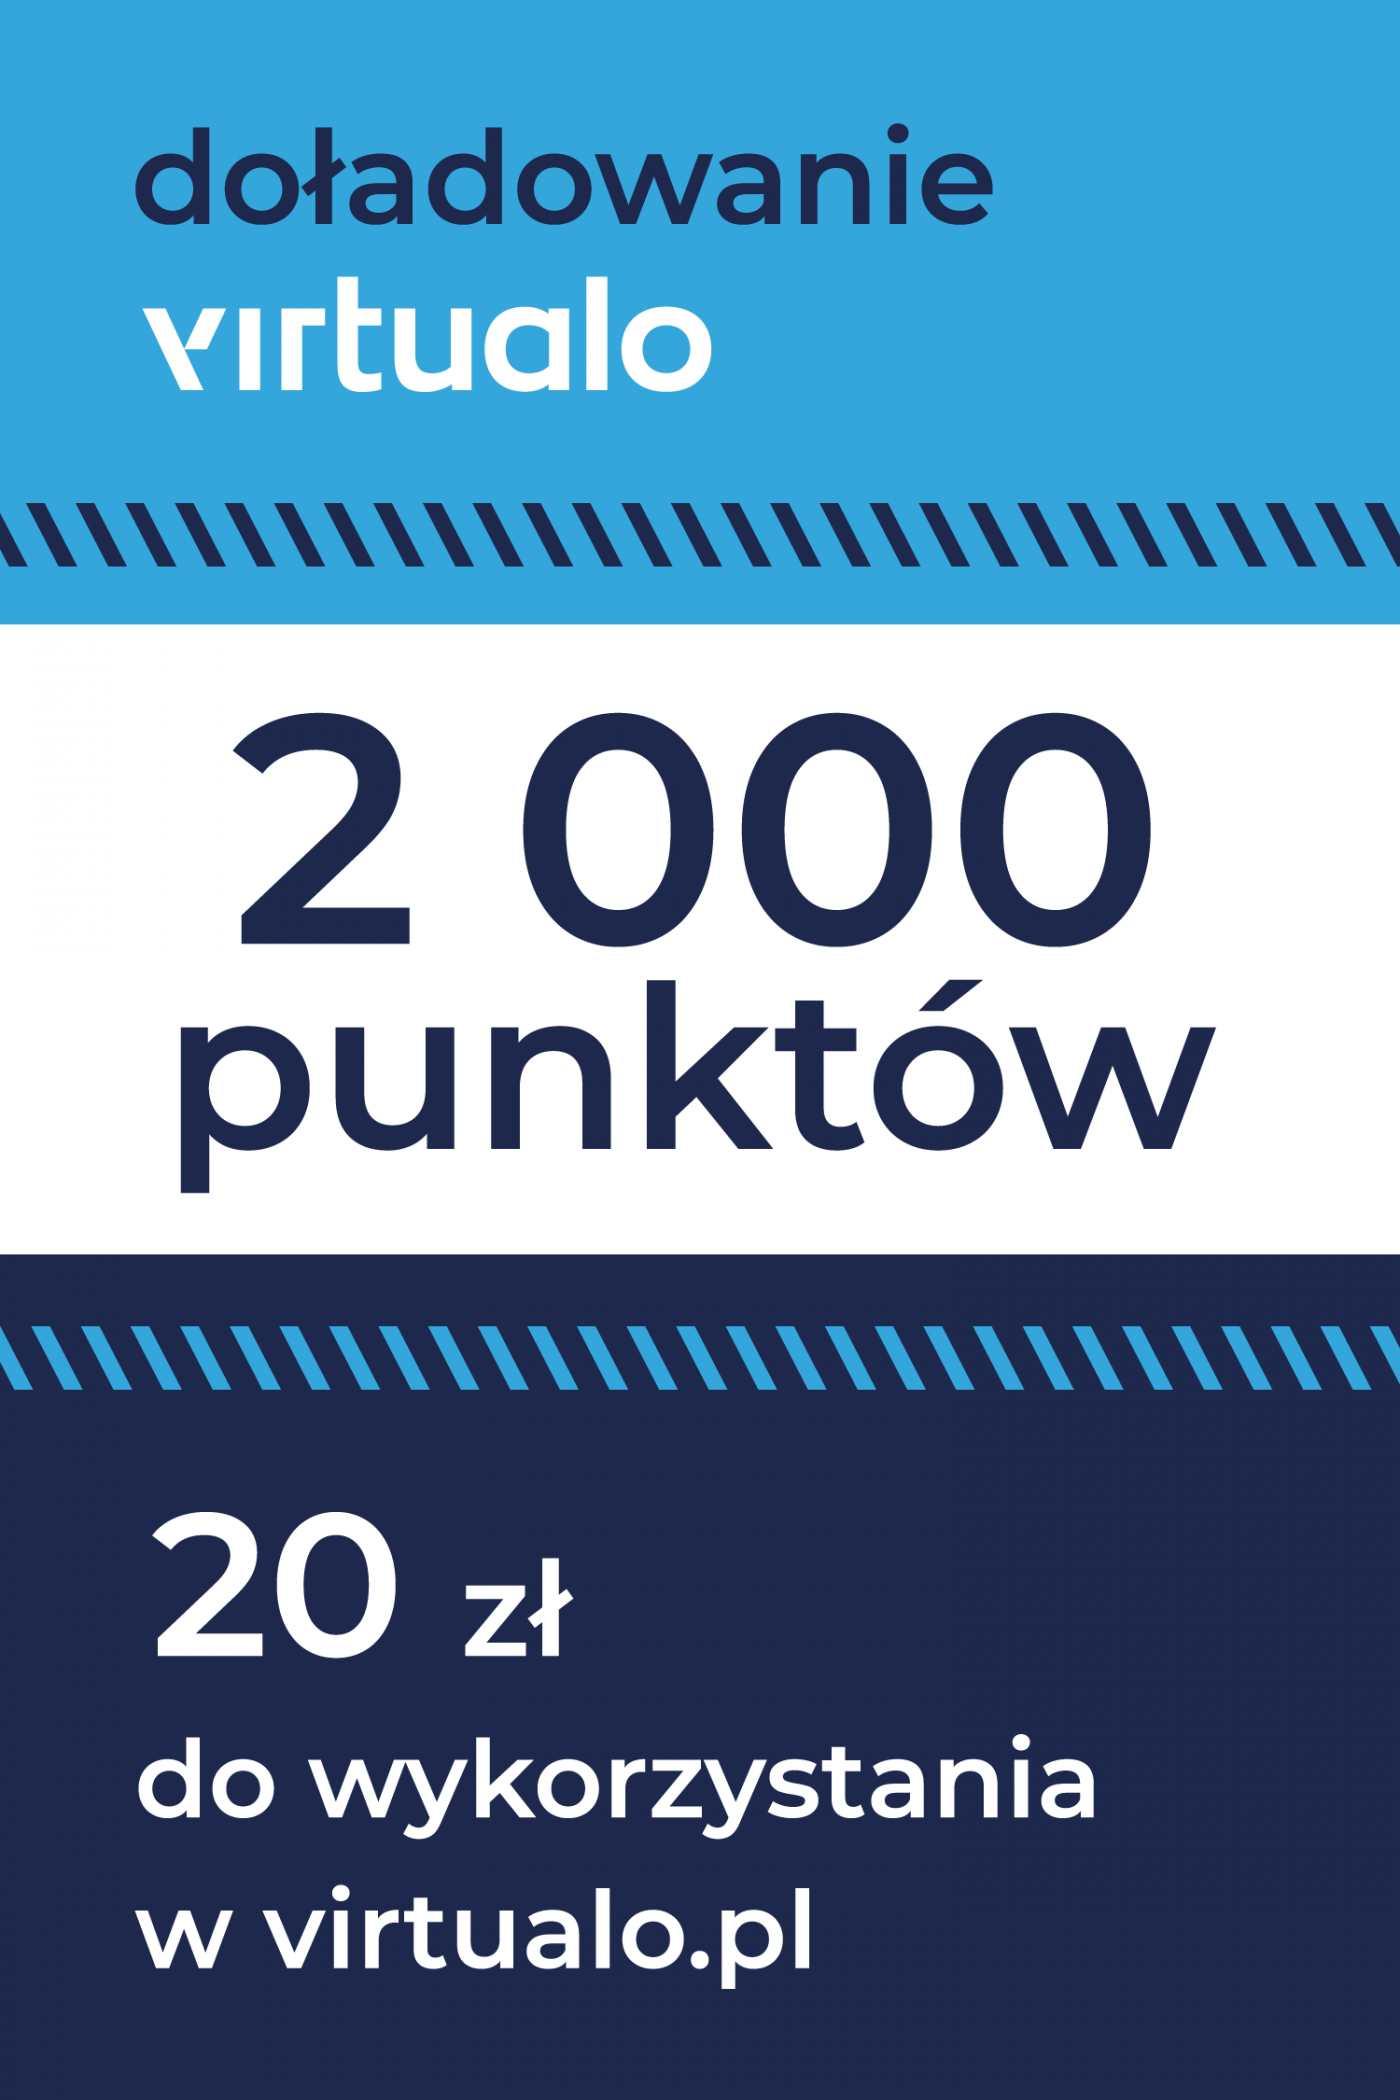 Doładowanie punktów Virtualo - 2000 punktów -